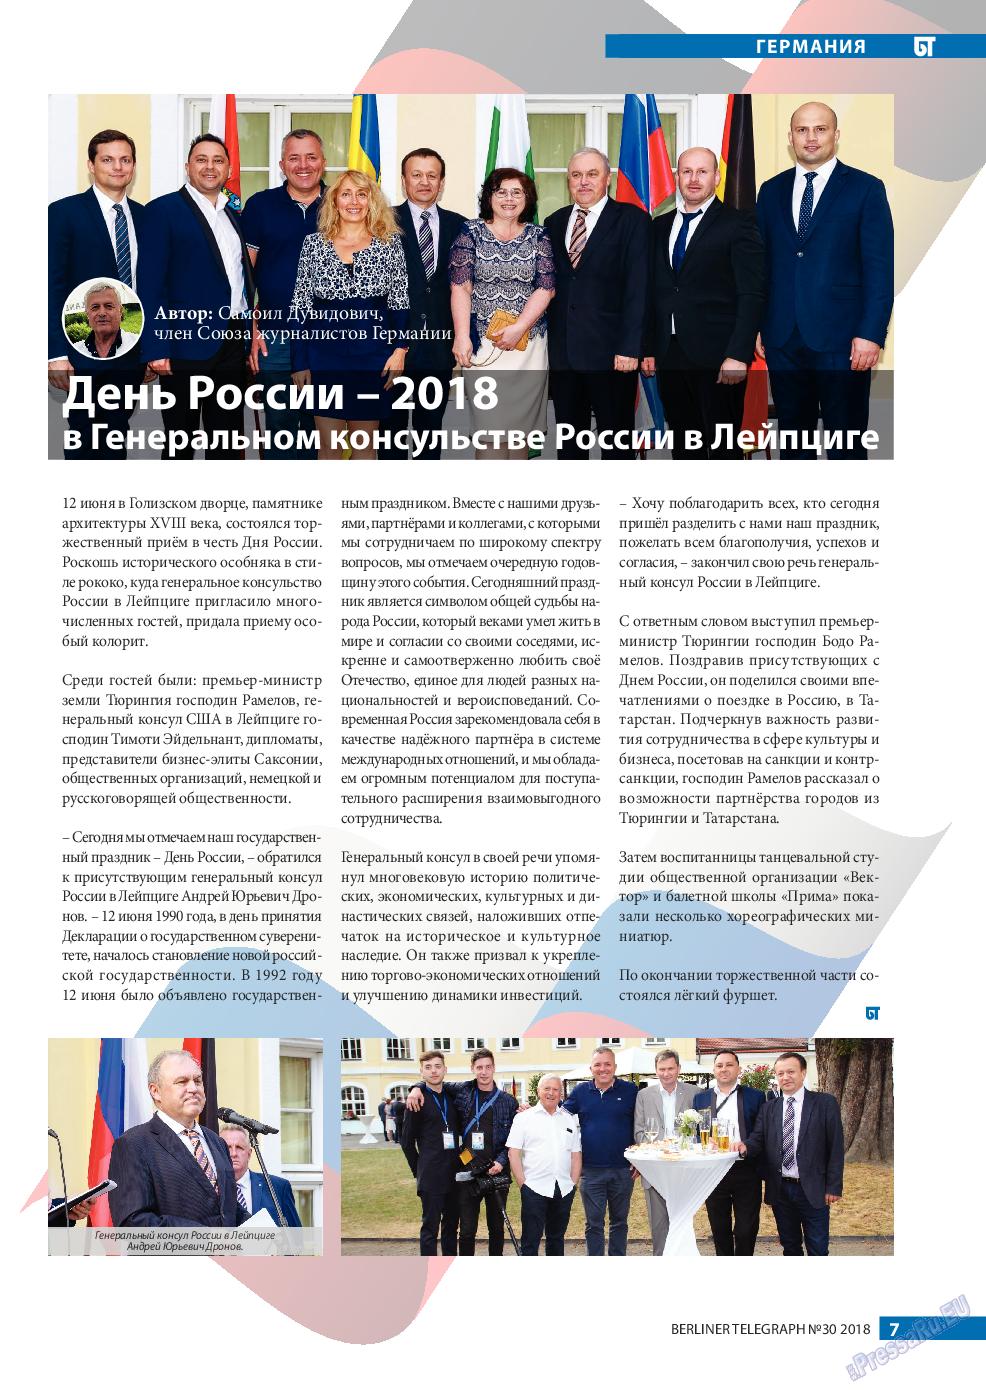 Берлинский телеграф (журнал). 2018 год, номер 30, стр. 7